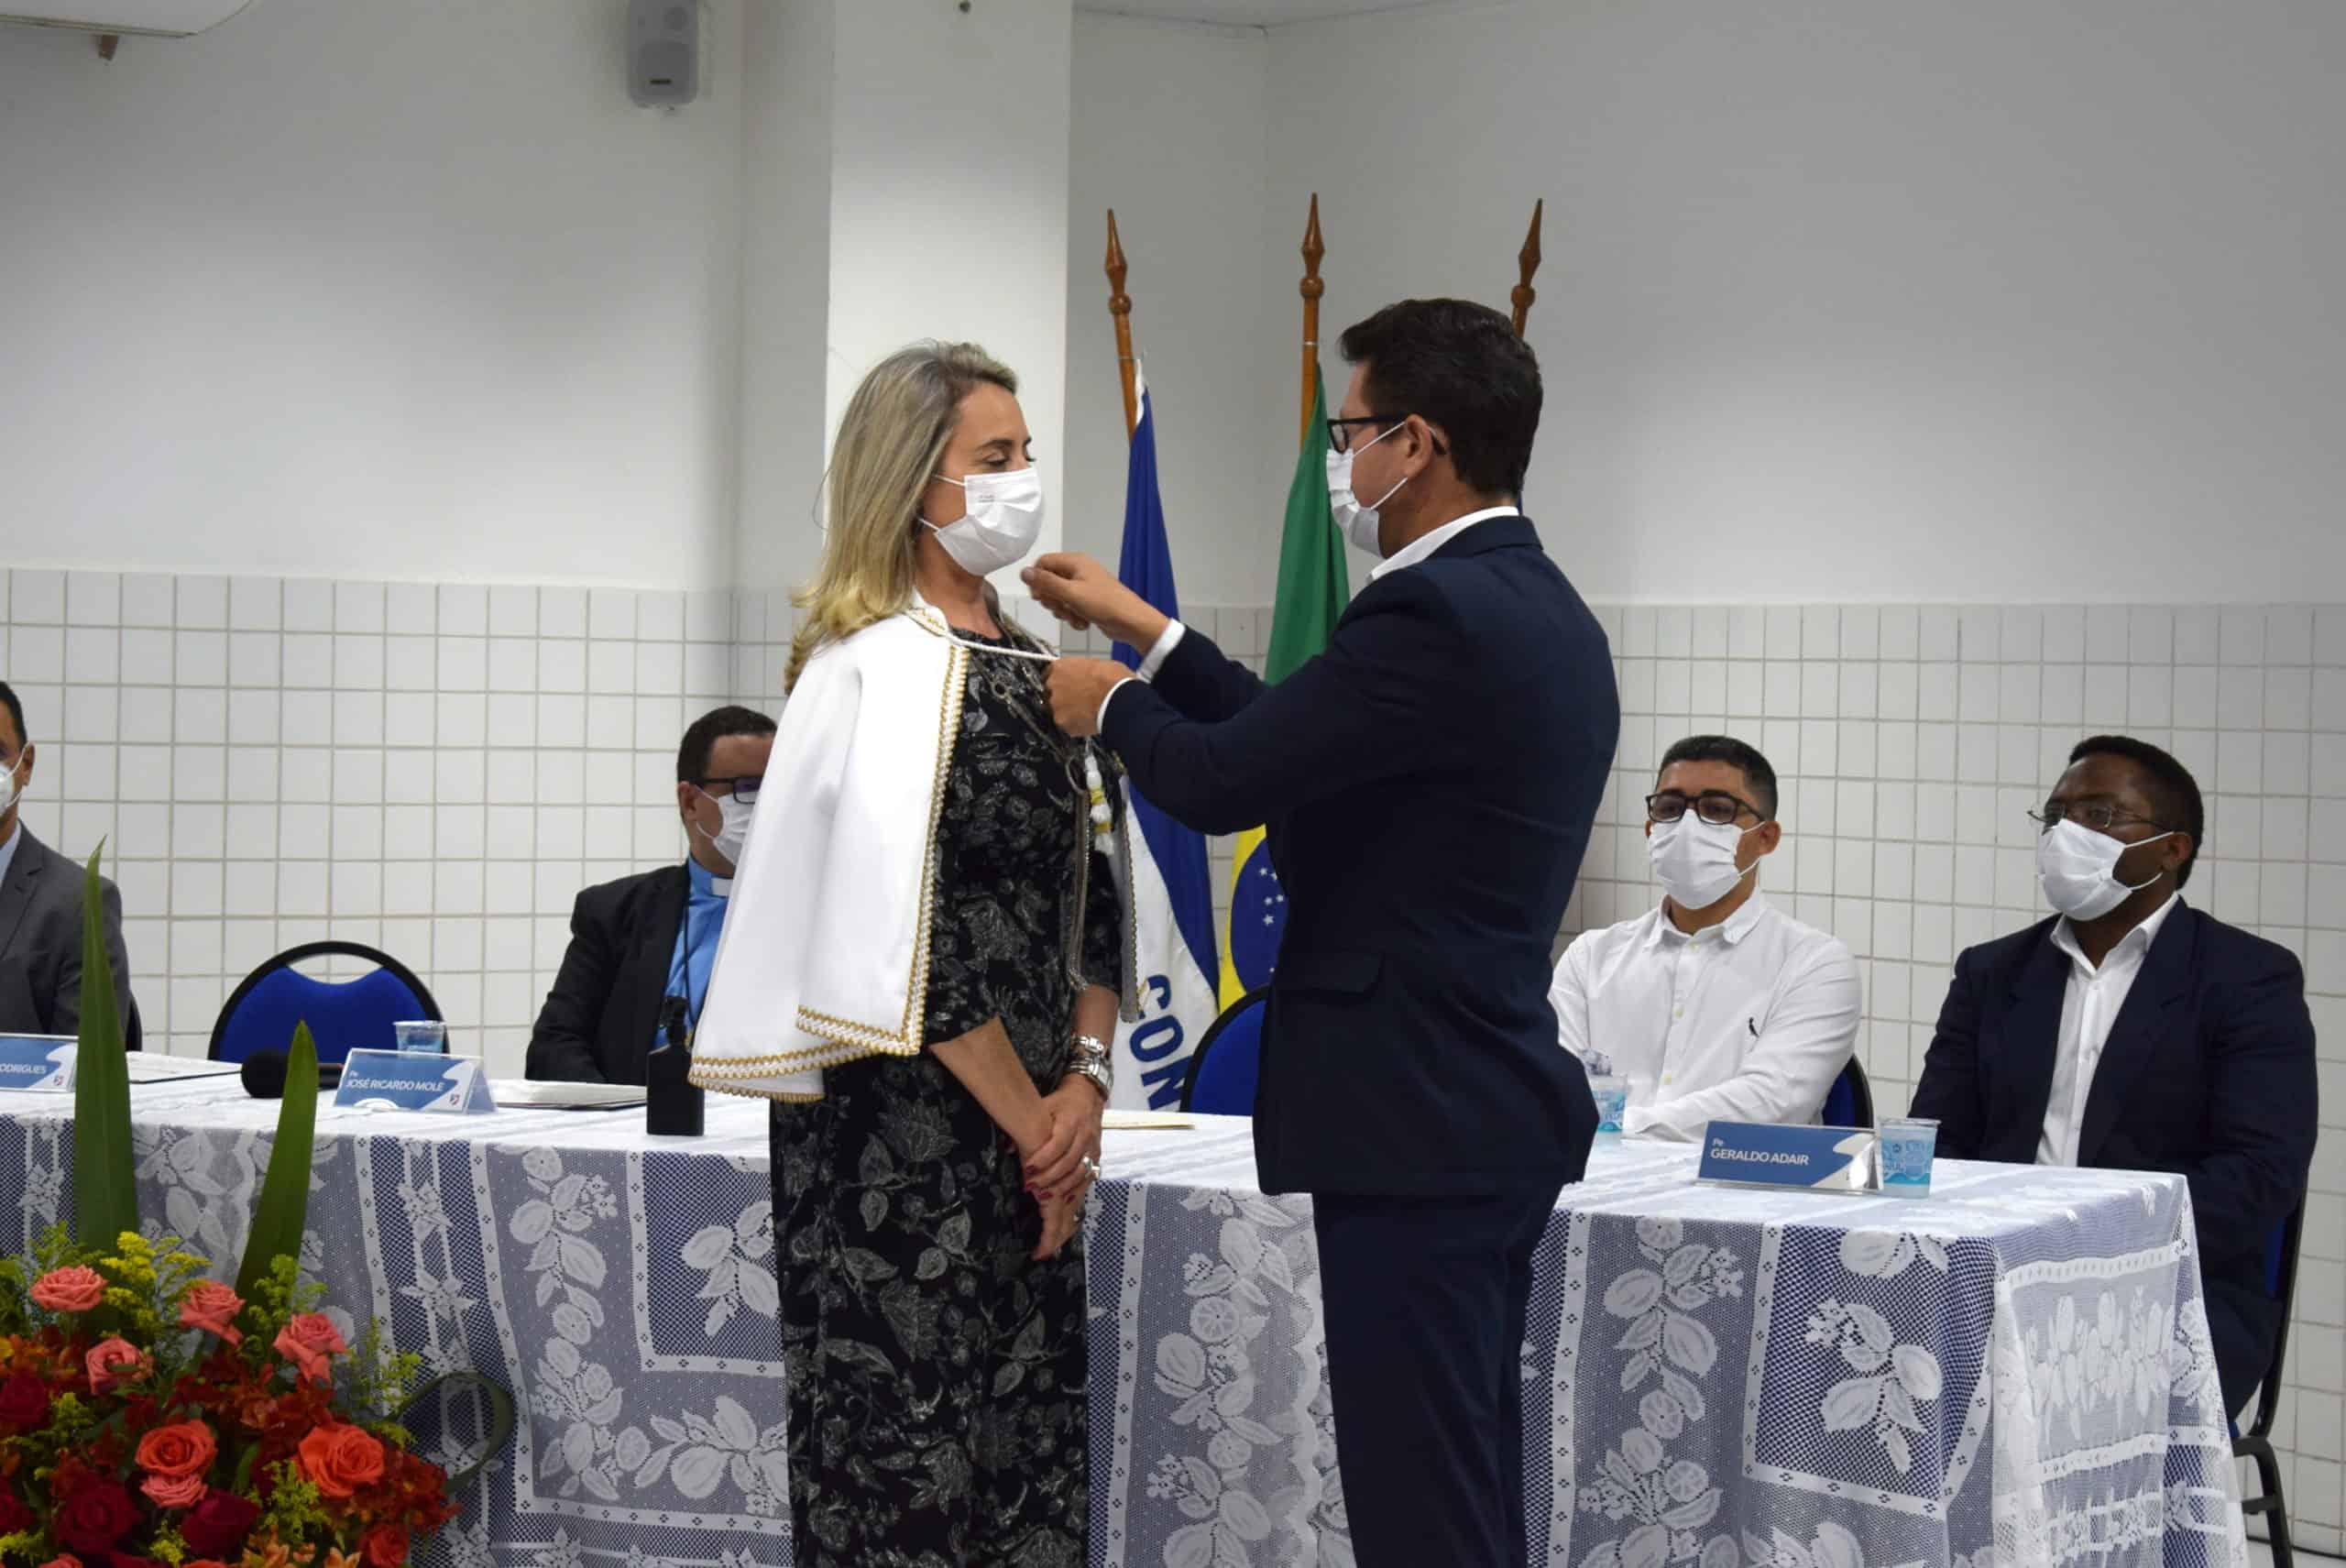 dia 9 de setembro, tomou posse a nova reitora do Centro Universitário Salesiano- UniSales, profª Carmen Luiza da Silva